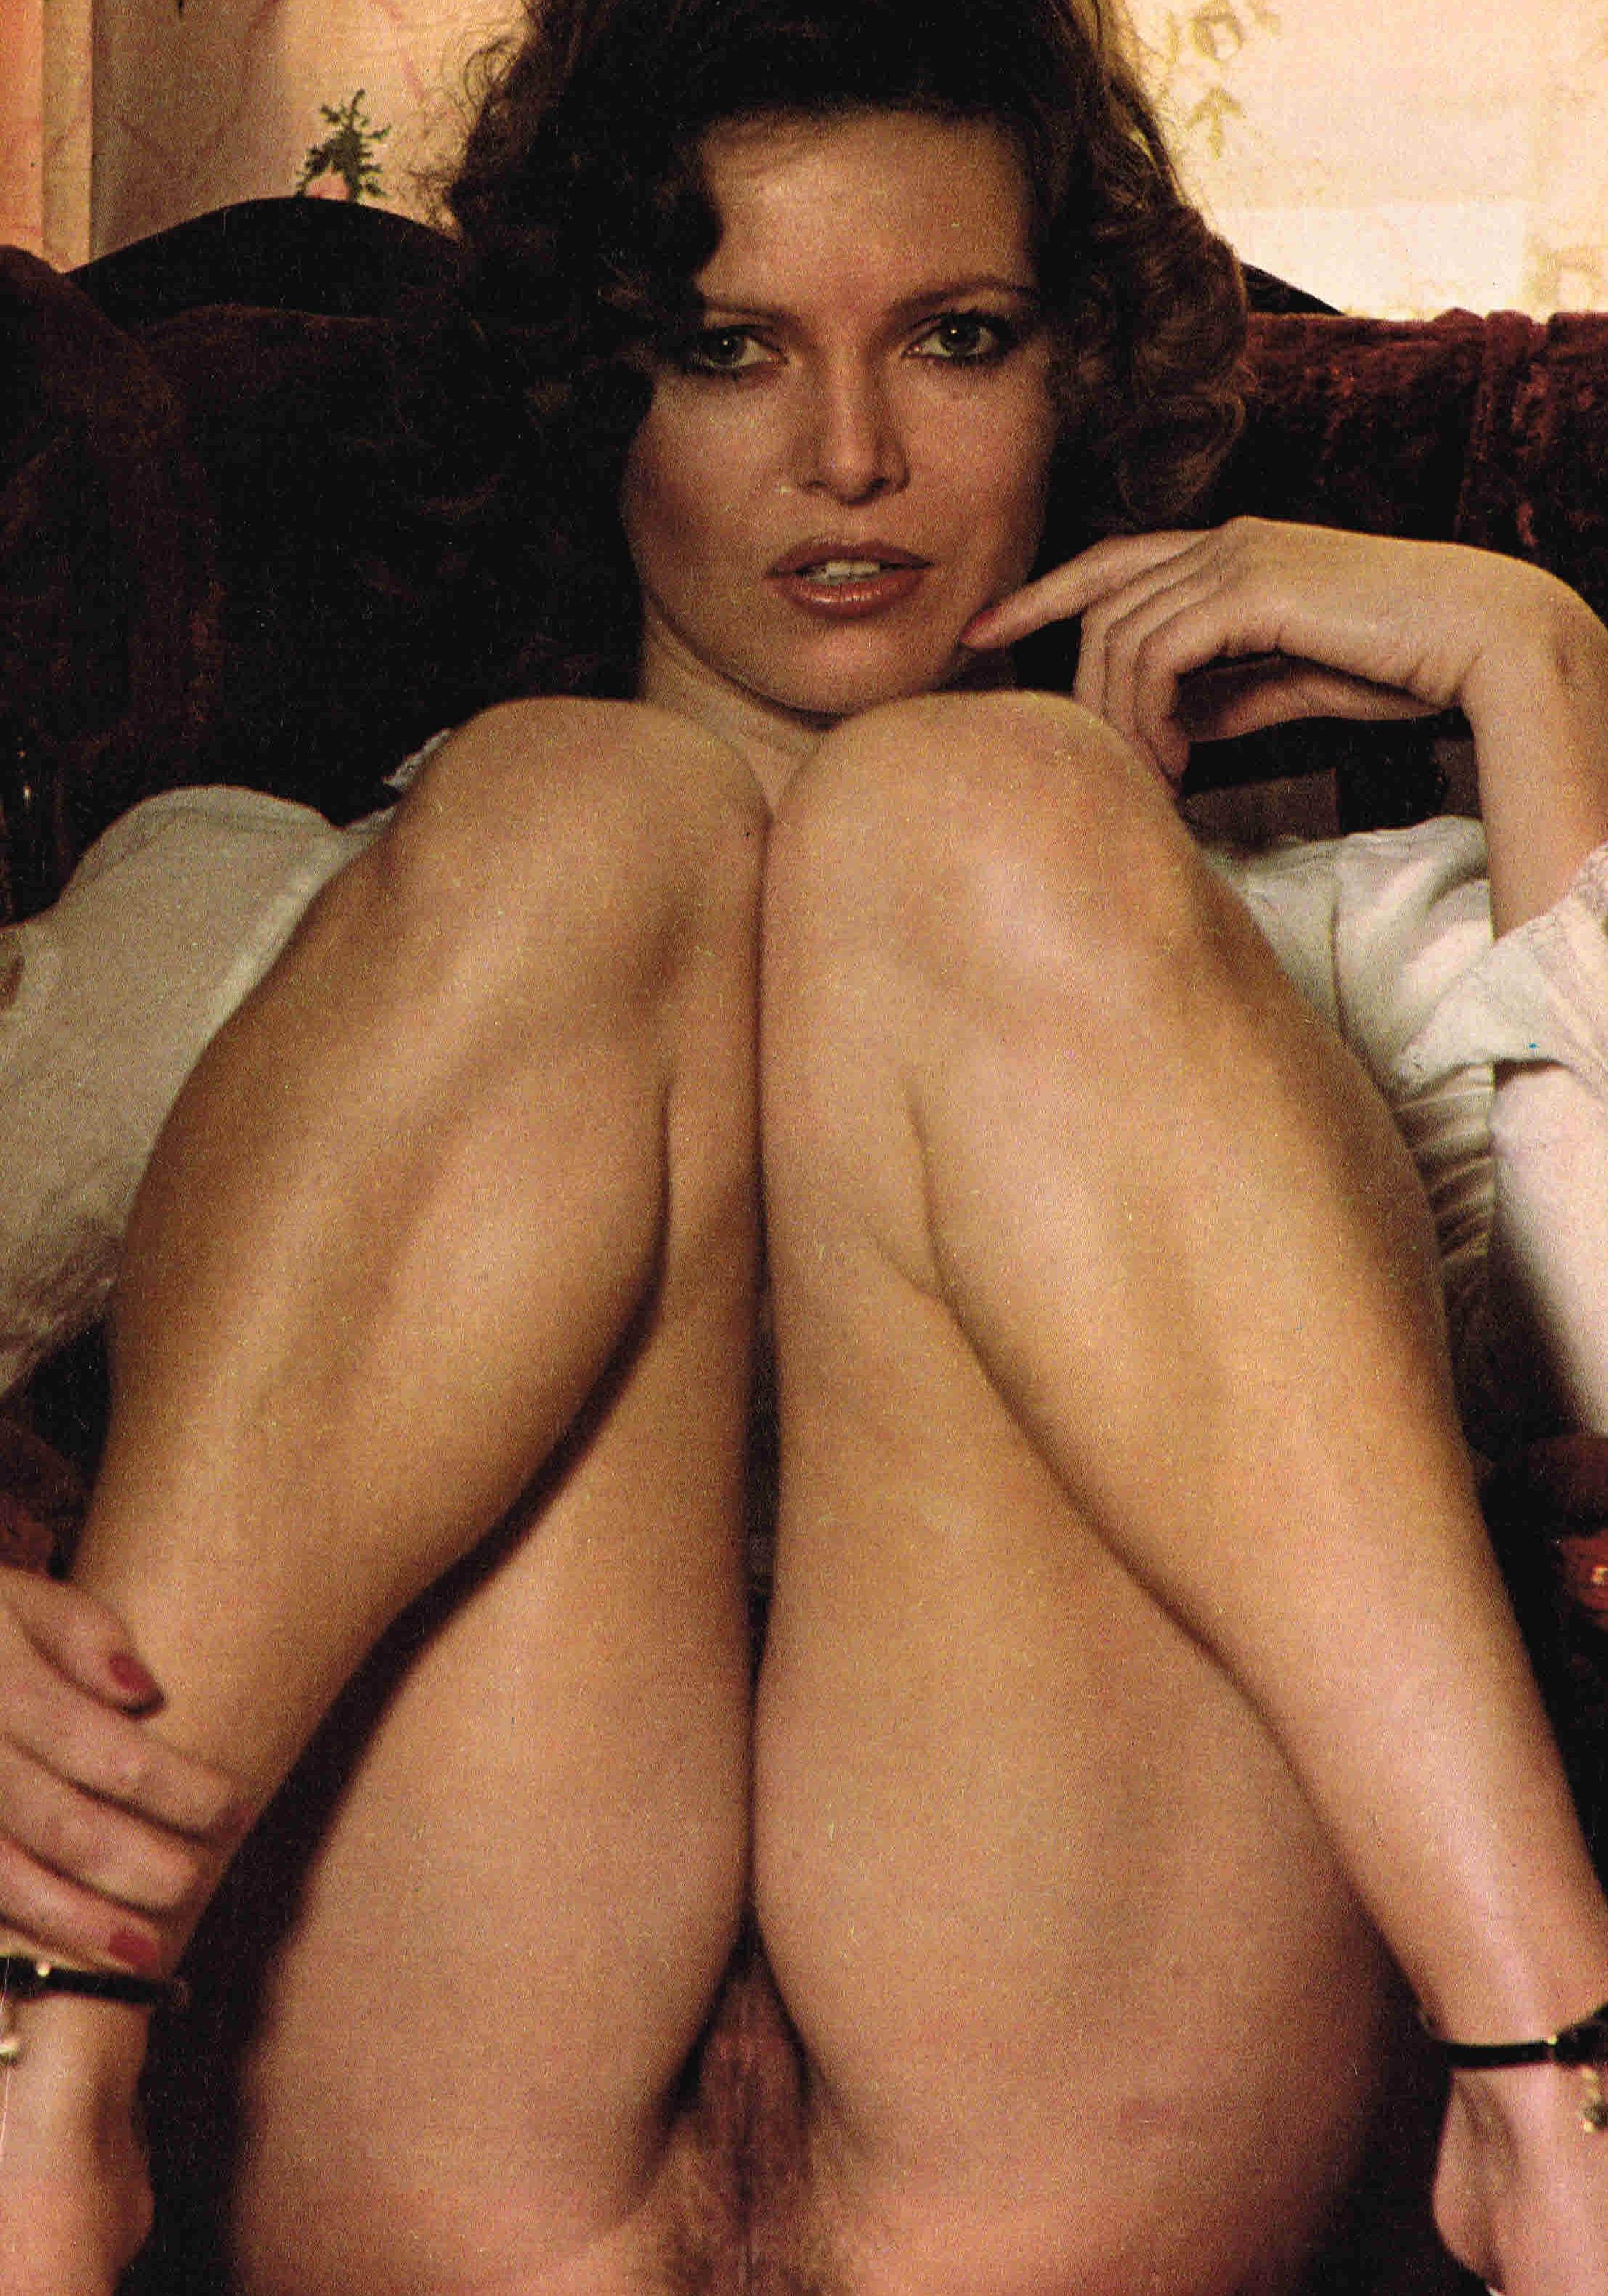 Eleanor donohoe sexy photo